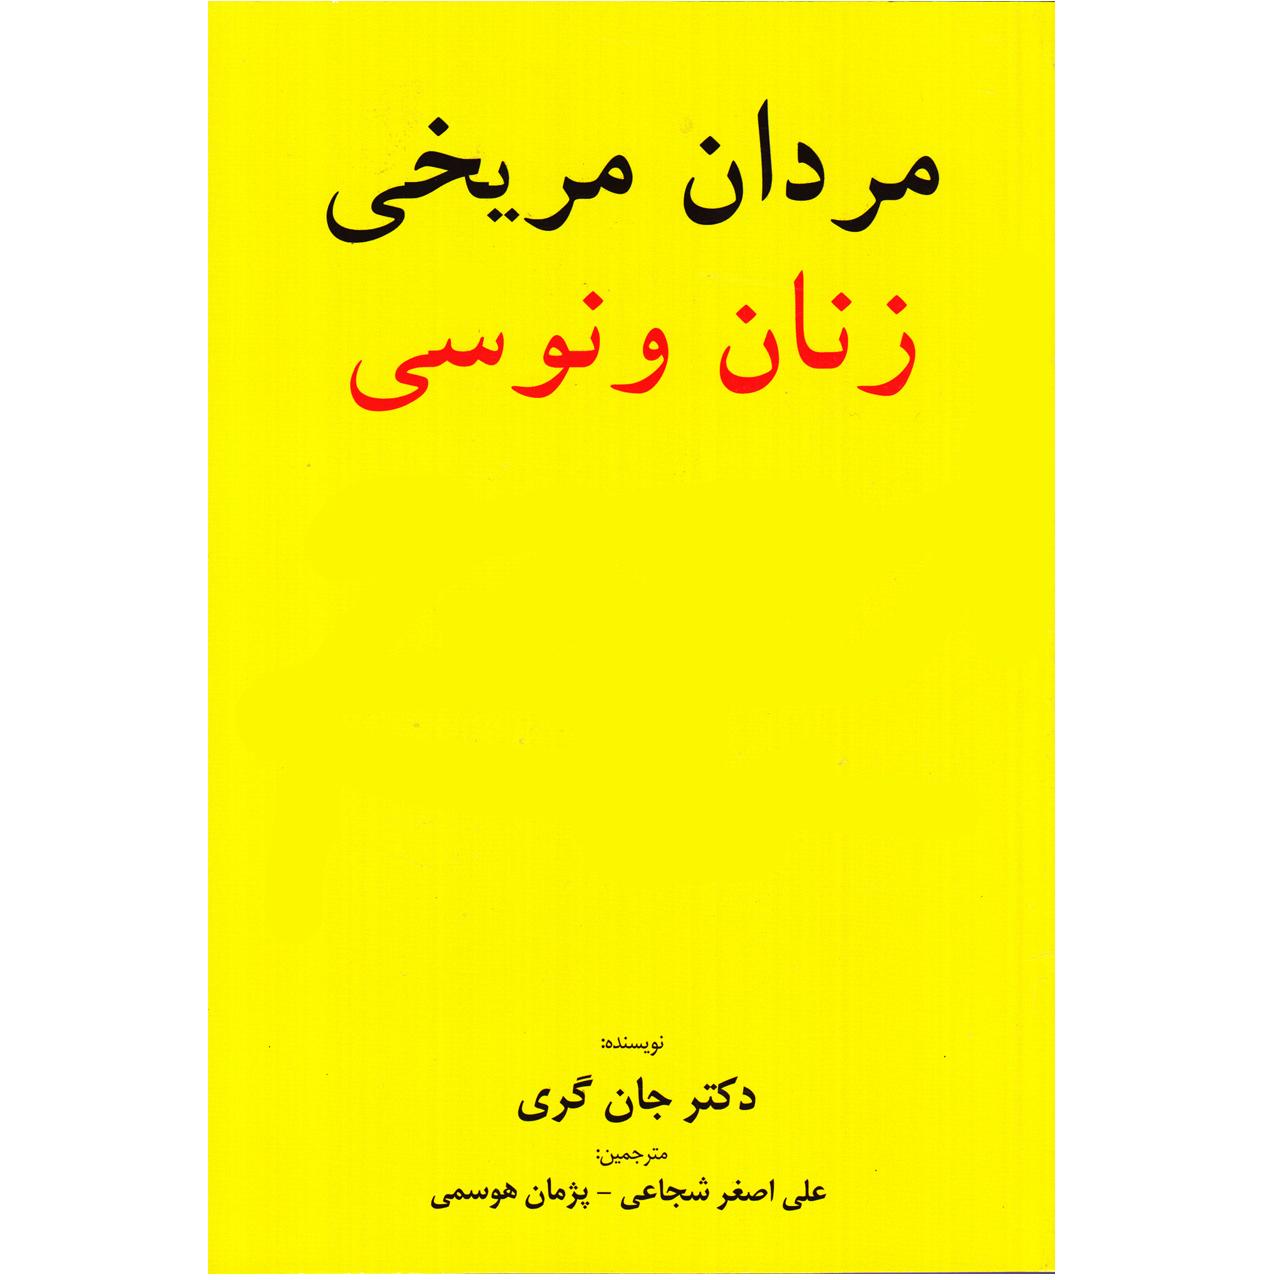 خرید                      كتاب مردان مريخي و زنان ونوسي اثر جان گري